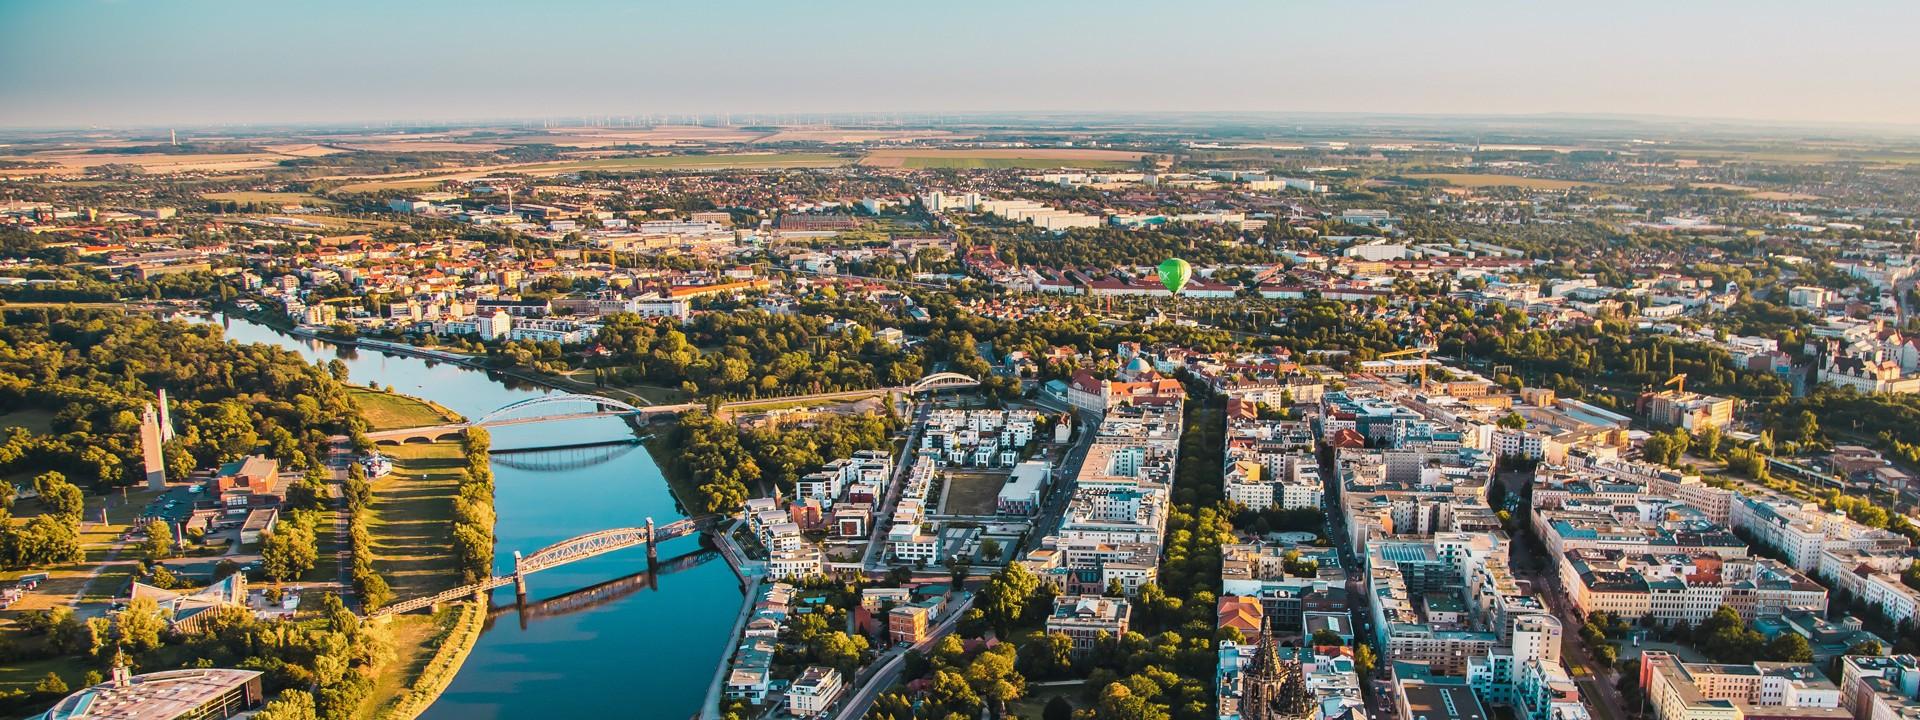 Luftbild der Stadt Magdeburg